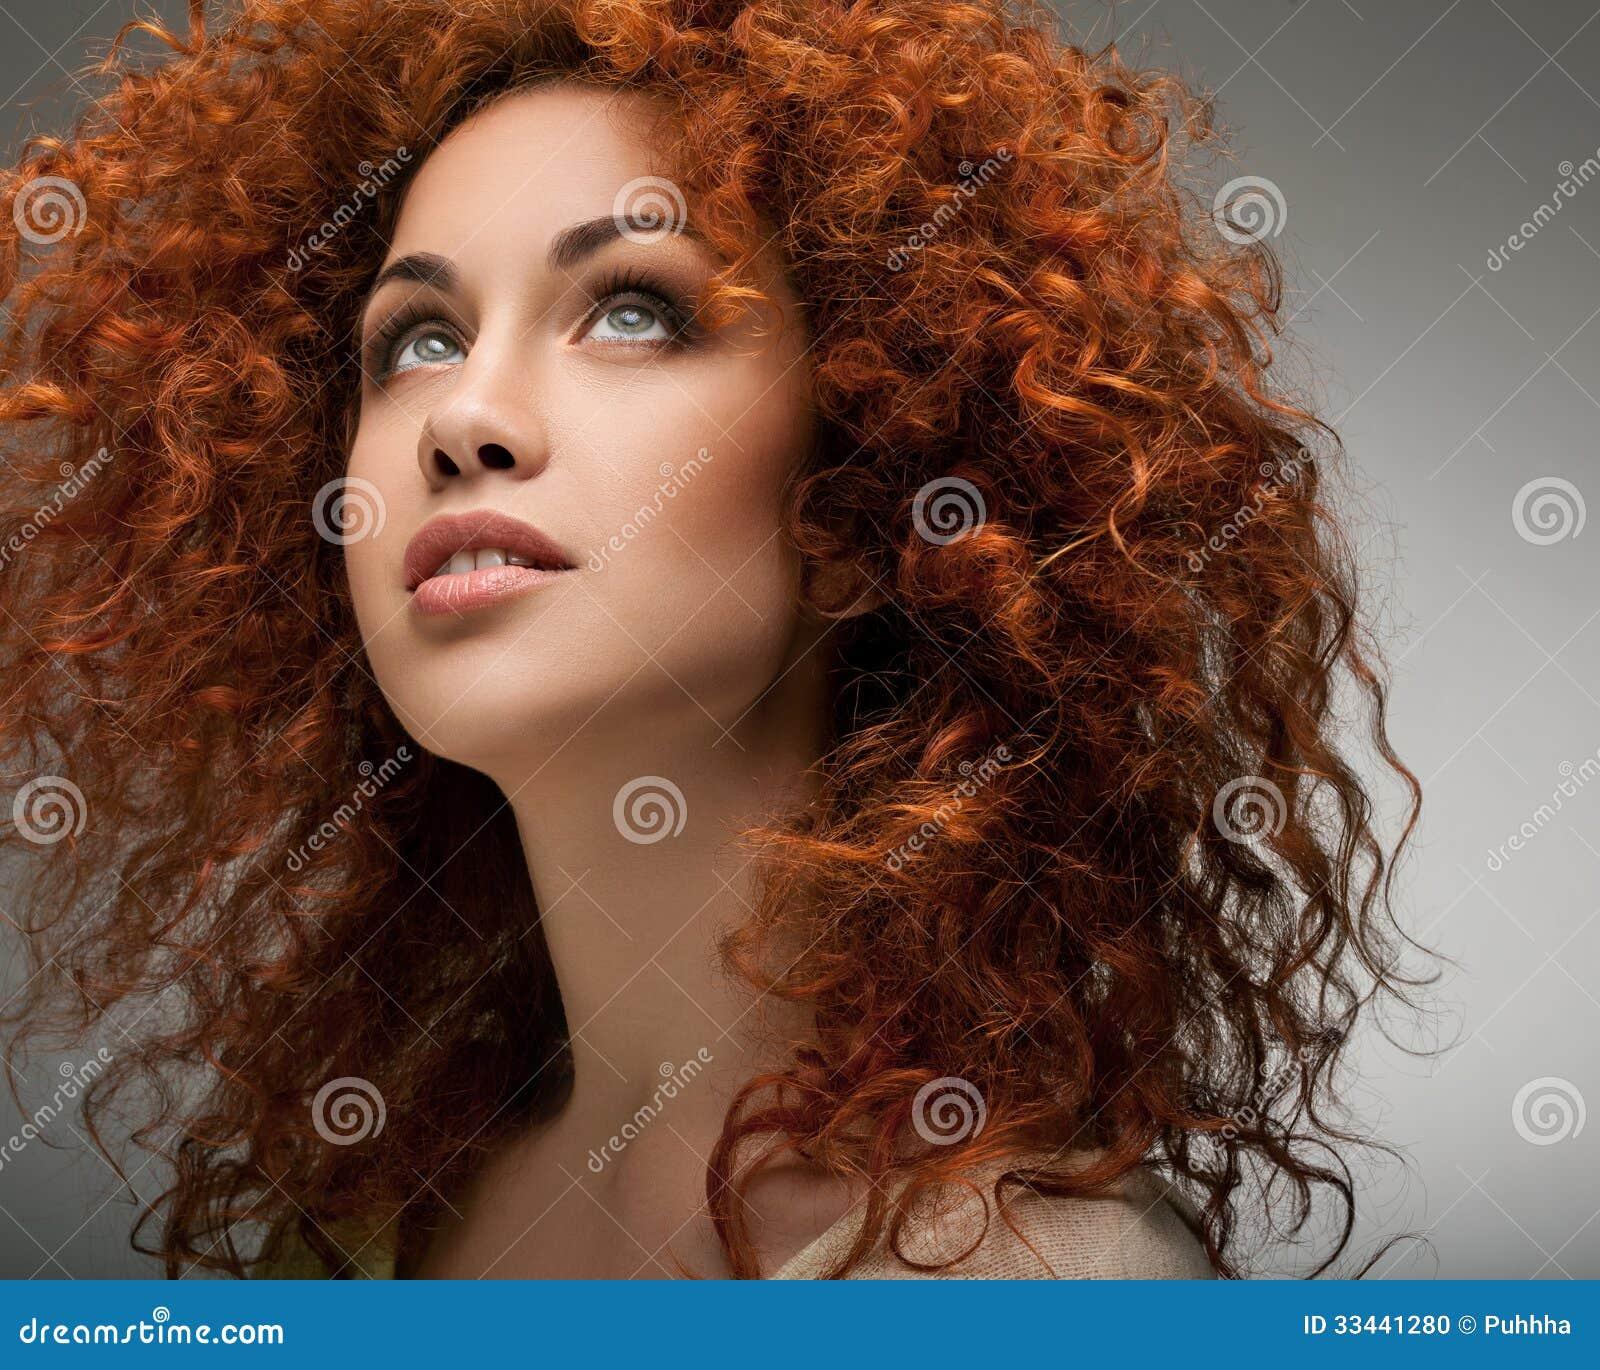 Taglio capelli ricci rossi